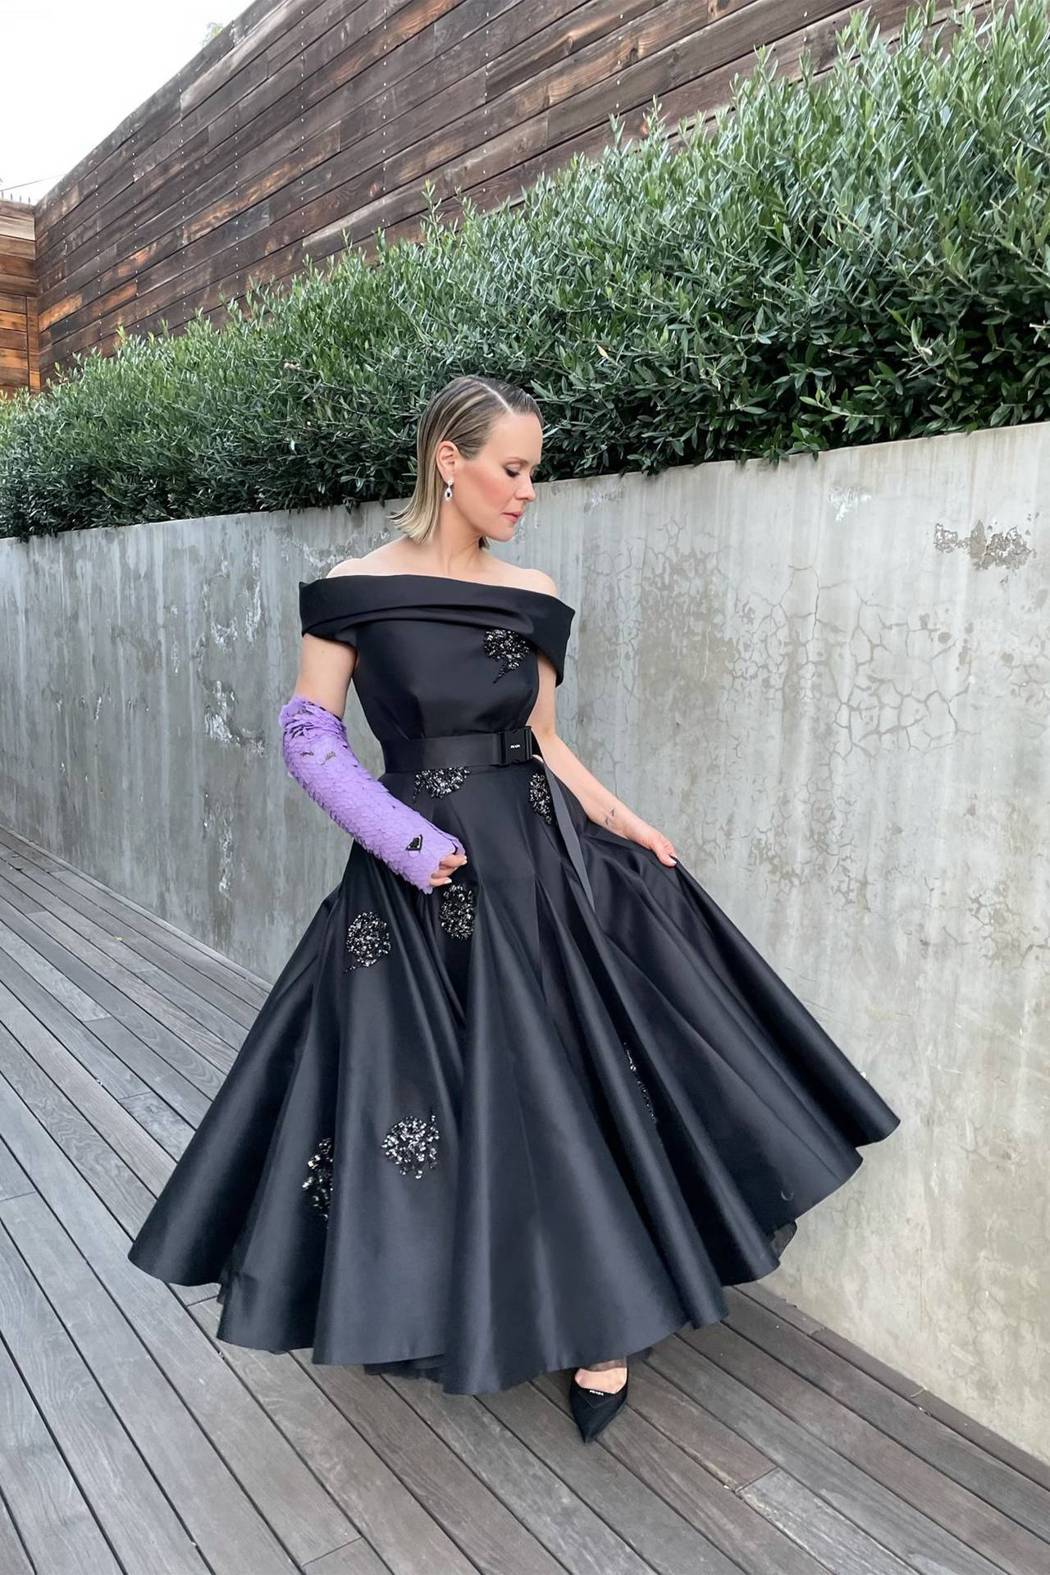 莎拉保羅森穿Prada蓬裙,就連手上的石膏都是出自品牌設計,還看得到經典的三角L...